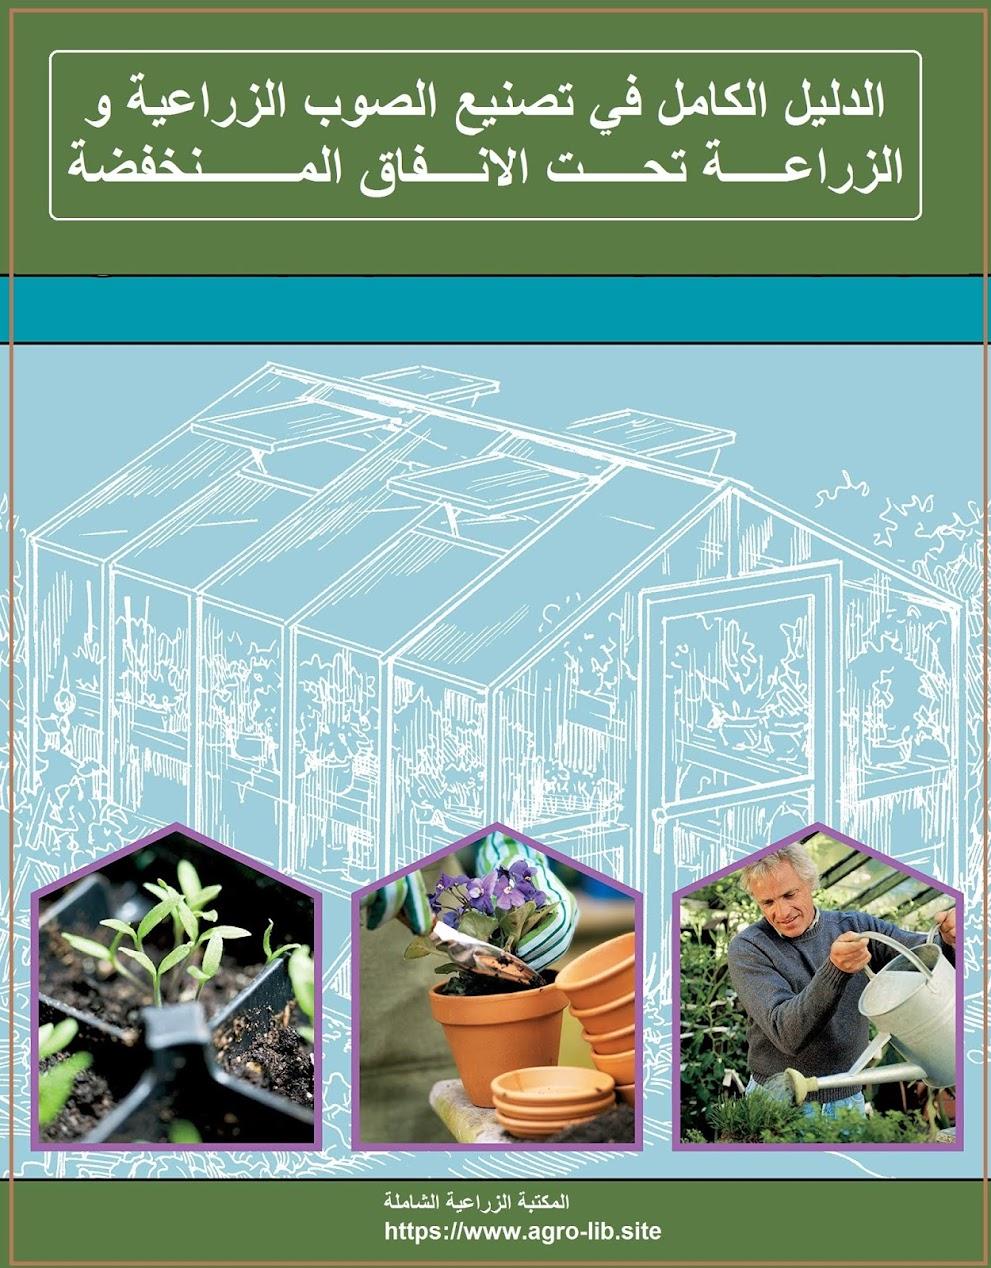 كتاب : الدليل الكامل في تصنيع الصوب الزراعية و الزراعة تحت الانفاق المنخفضة